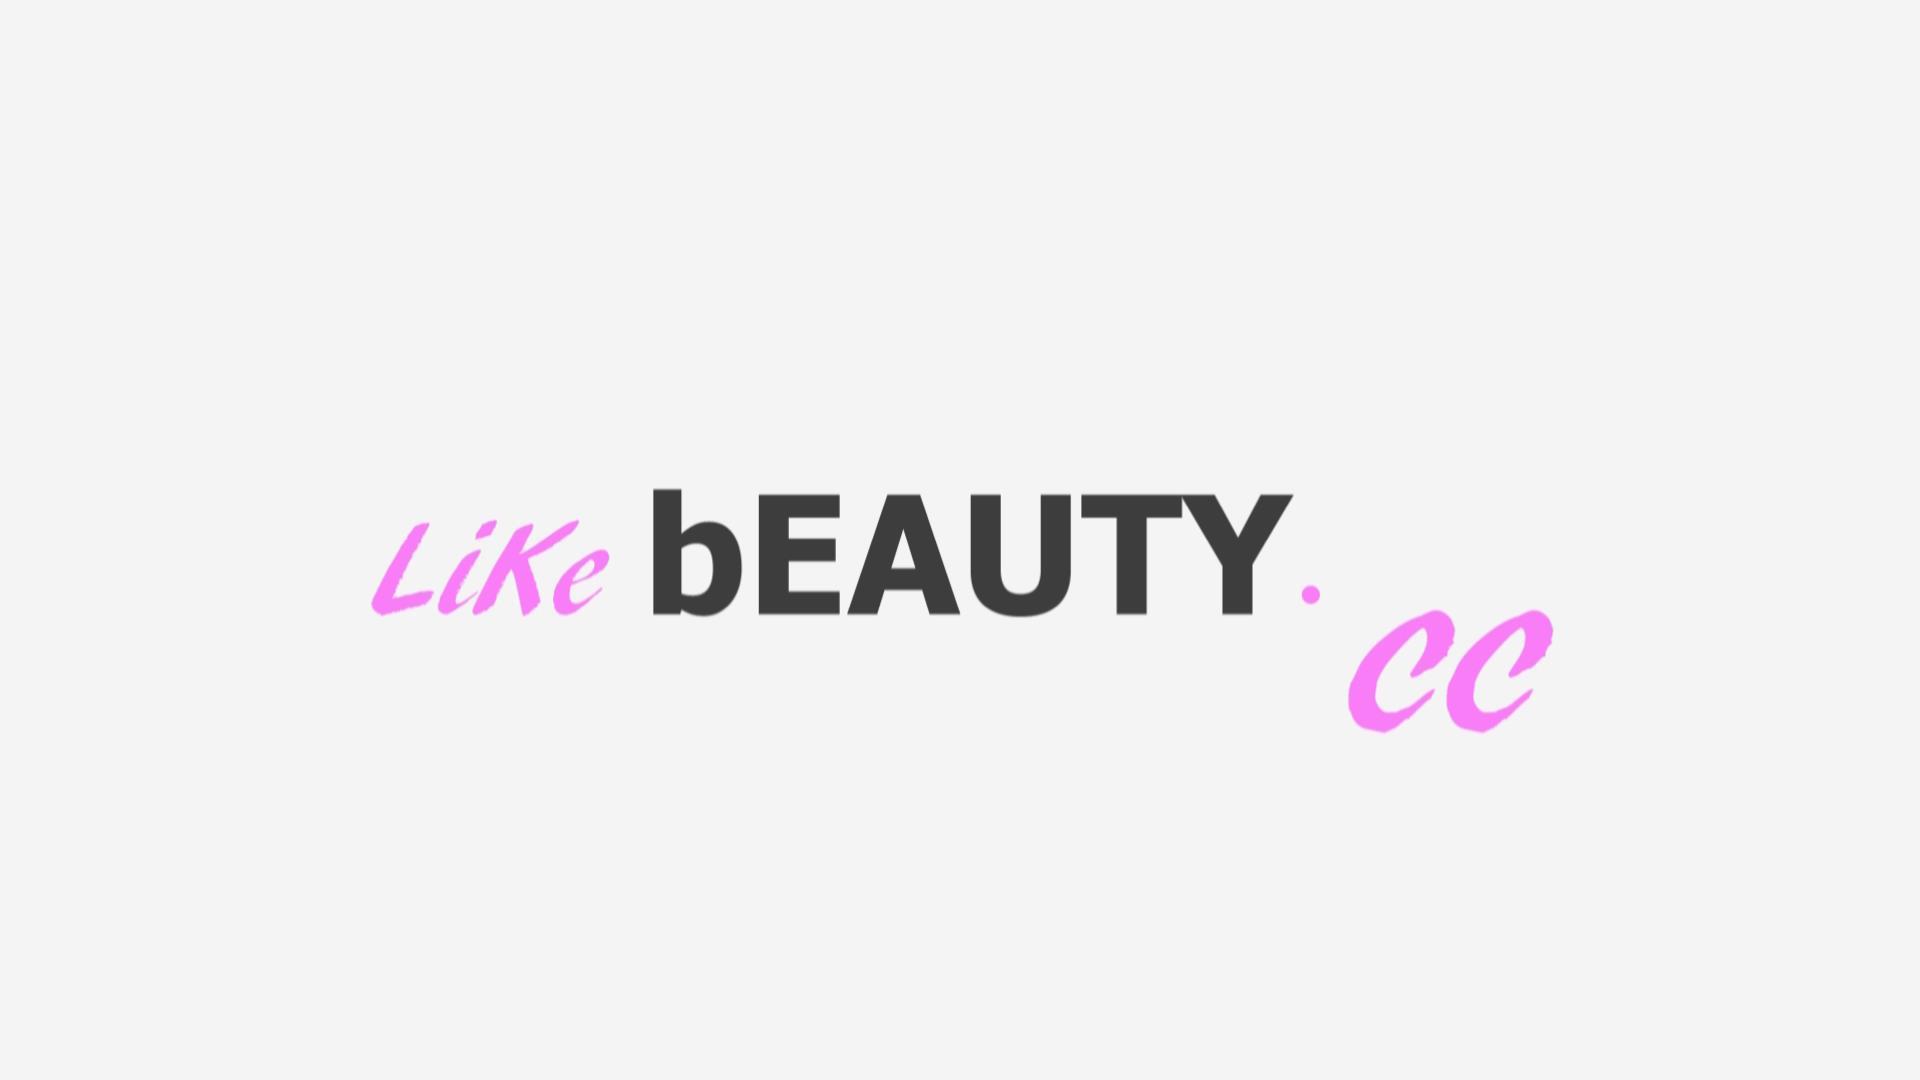 香港美容院 美容師 : Like Beauty @青年創業軍